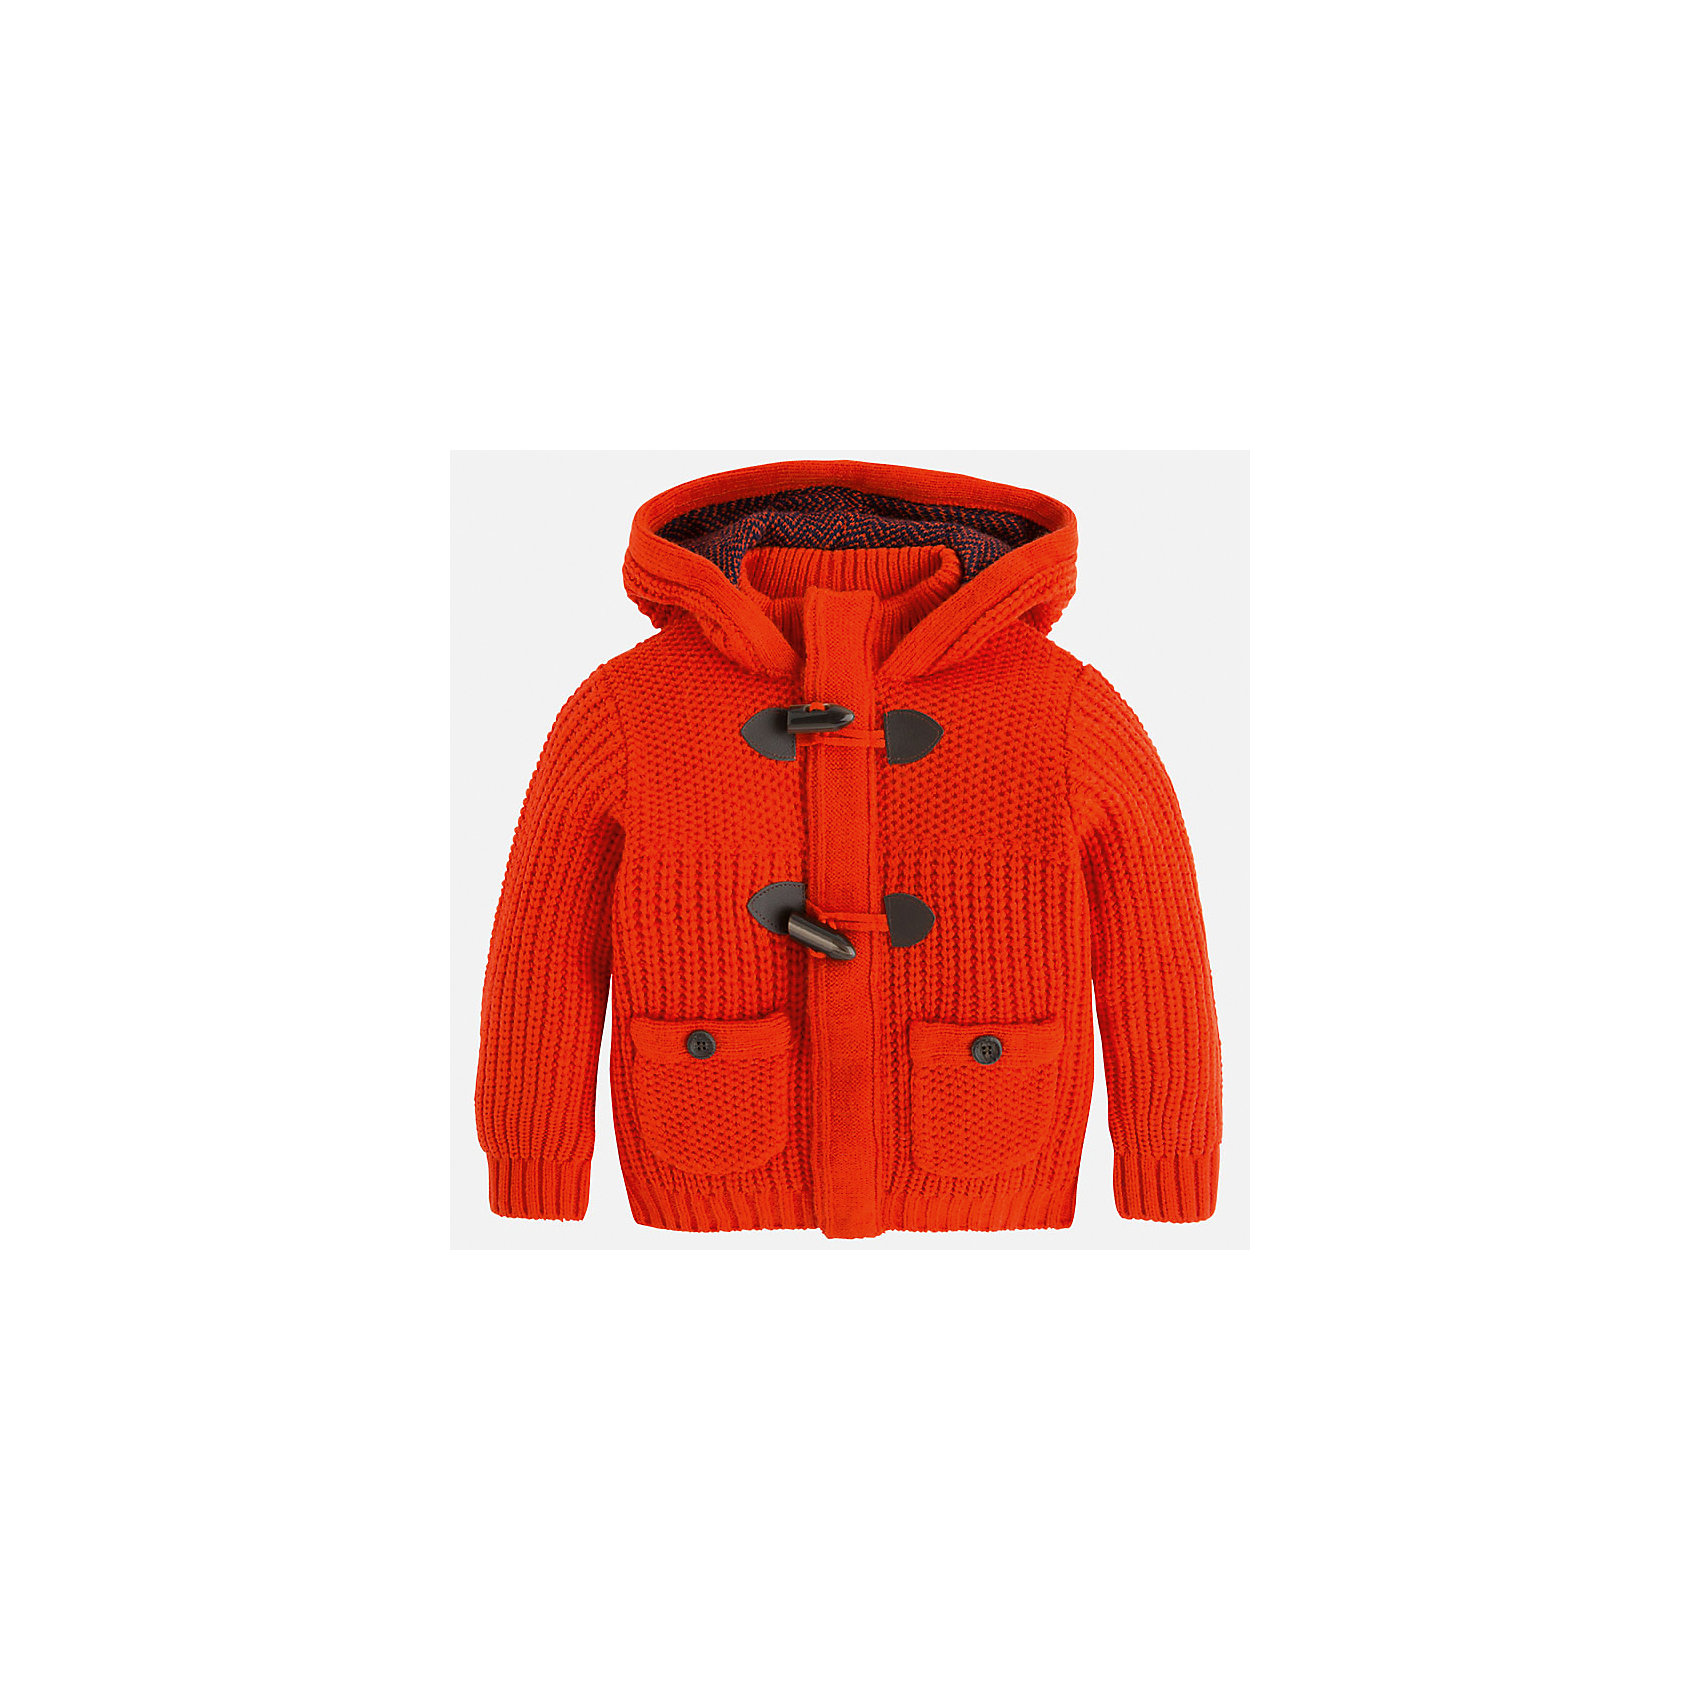 Куртка для мальчика MayoralКуртка для мальчика Mayoral (Майорал)<br>Куртка от известной испанской марки Mayoral (Майорал) станет прекрасным дополнением гардероба вашего мальчика и согреет его в прохладную погоду. Куртка крупной вязки имеет большой капюшон и стоячий воротник, два накладных кармана на пуговицах, застегивается на пуговицы-клевант. Отделка манжет и низа куртки выполнена резинкой.<br><br>Дополнительная информация:<br><br>- Цвет: красно-оранжевый<br>- Состав: 100% акрил<br>- Уход: бережная стирка при 30 градусах<br><br>Куртку для мальчика Mayoral (Майорал) можно купить в нашем интернет-магазине.<br><br>Ширина мм: 356<br>Глубина мм: 10<br>Высота мм: 245<br>Вес г: 519<br>Цвет: коричневый<br>Возраст от месяцев: 96<br>Возраст до месяцев: 108<br>Пол: Мужской<br>Возраст: Детский<br>Размер: 134,122,116,110,98,104,128<br>SKU: 4821394